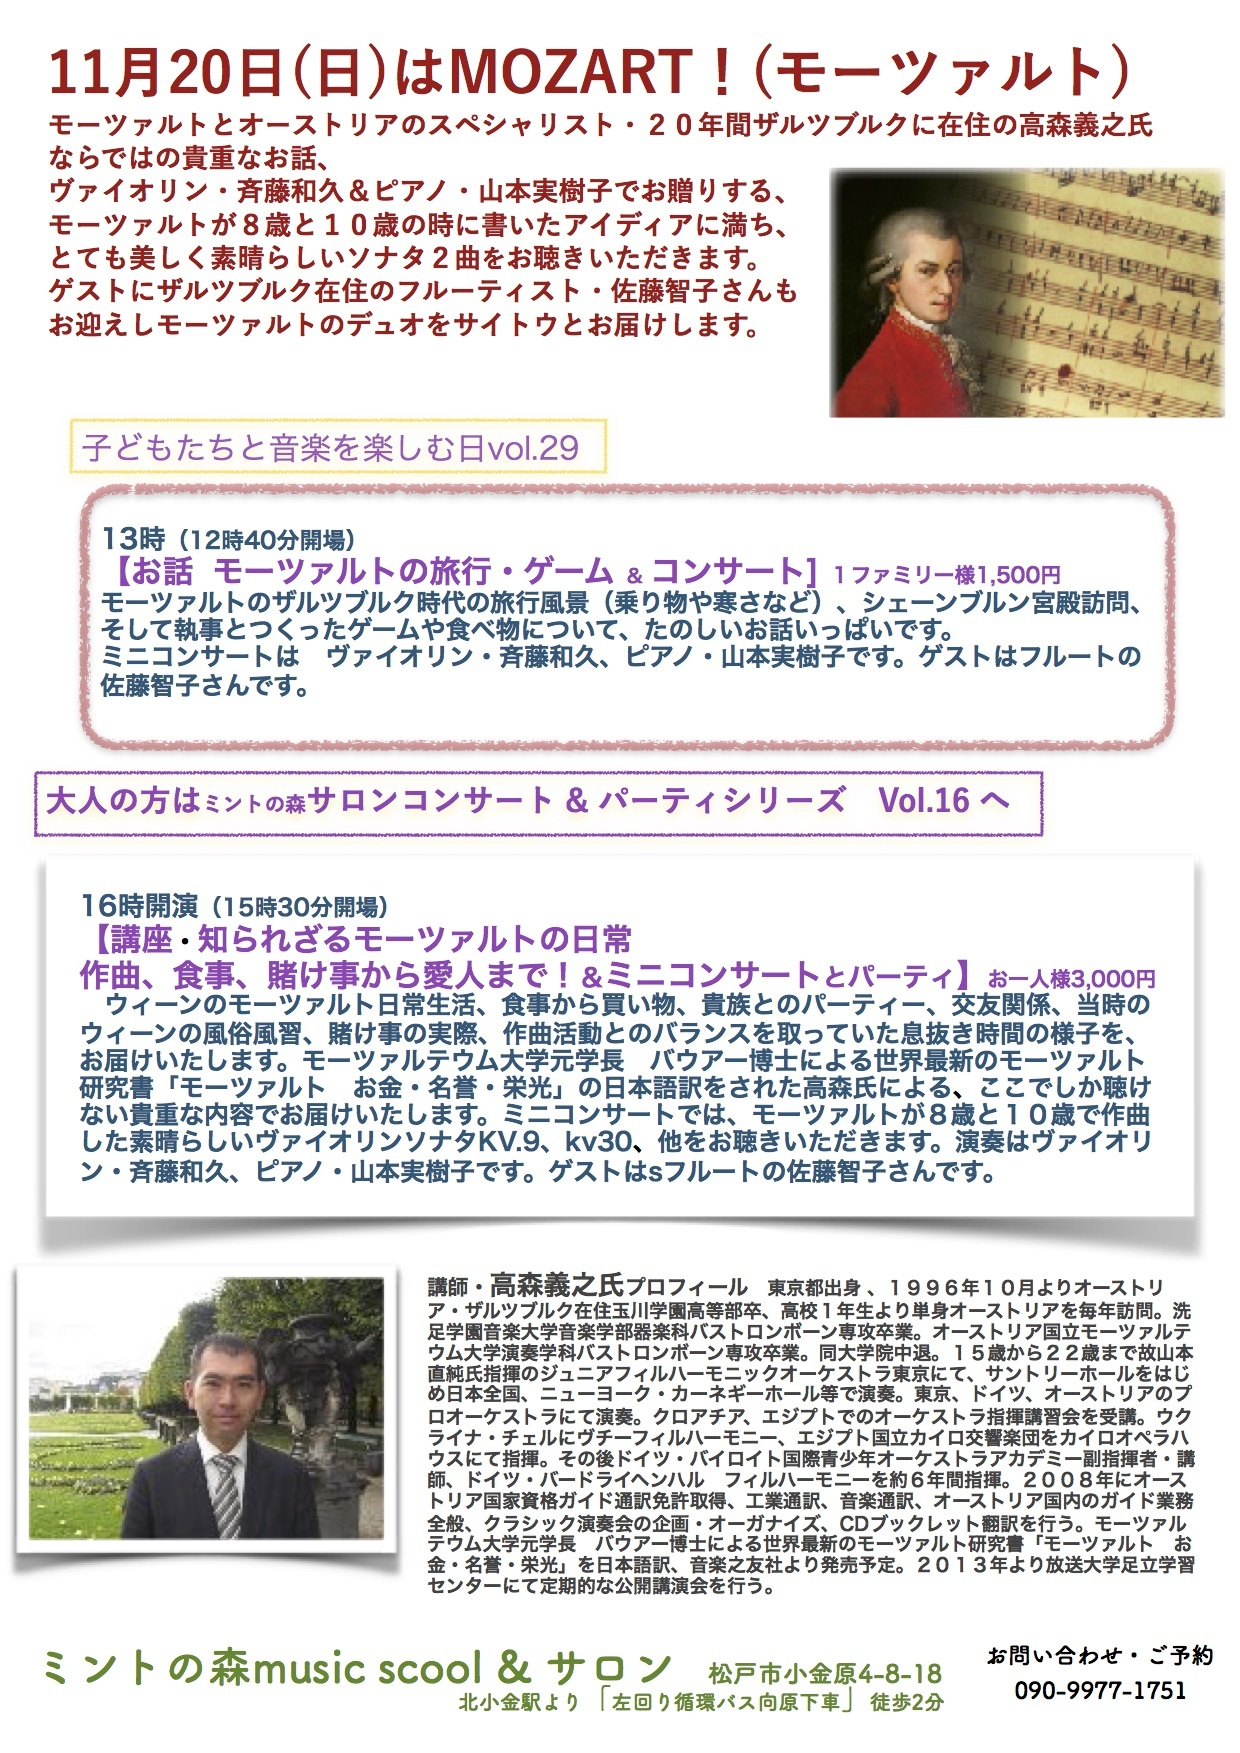 Yoshiyuki Takamoriさん